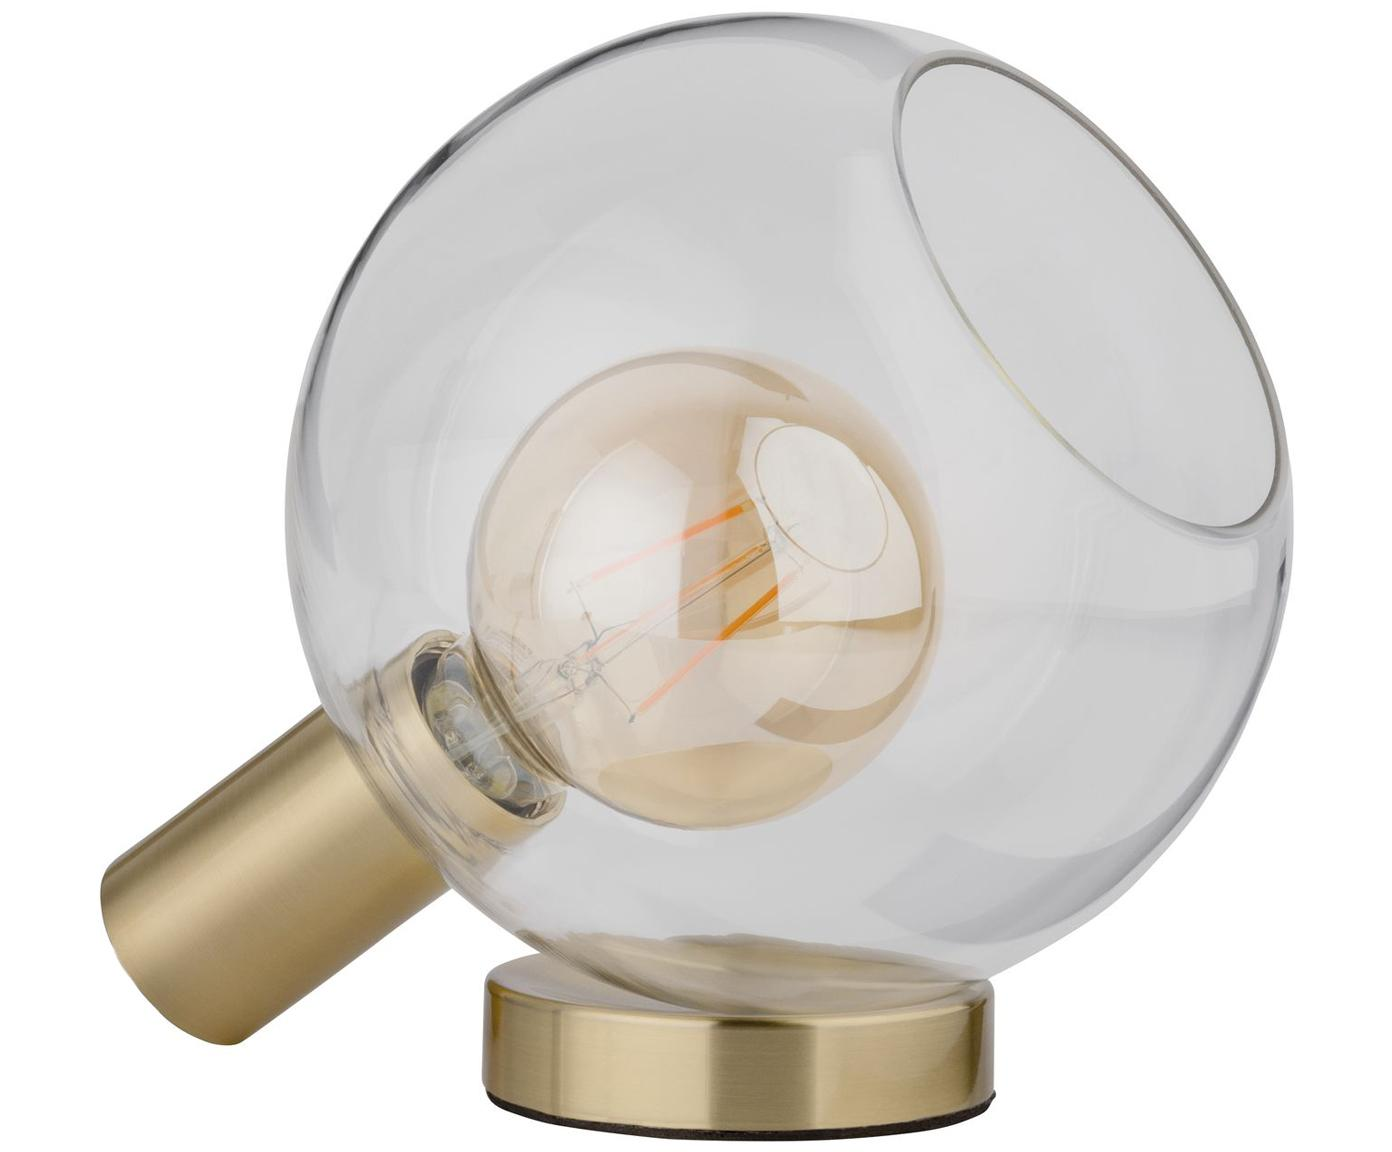 Lampada da tavolo in vetro Esben, Paralume: vetro, Base della lampada: ottone, spazzolato, Ottone, trasparente, Larg. 25 x Alt. 22 cm